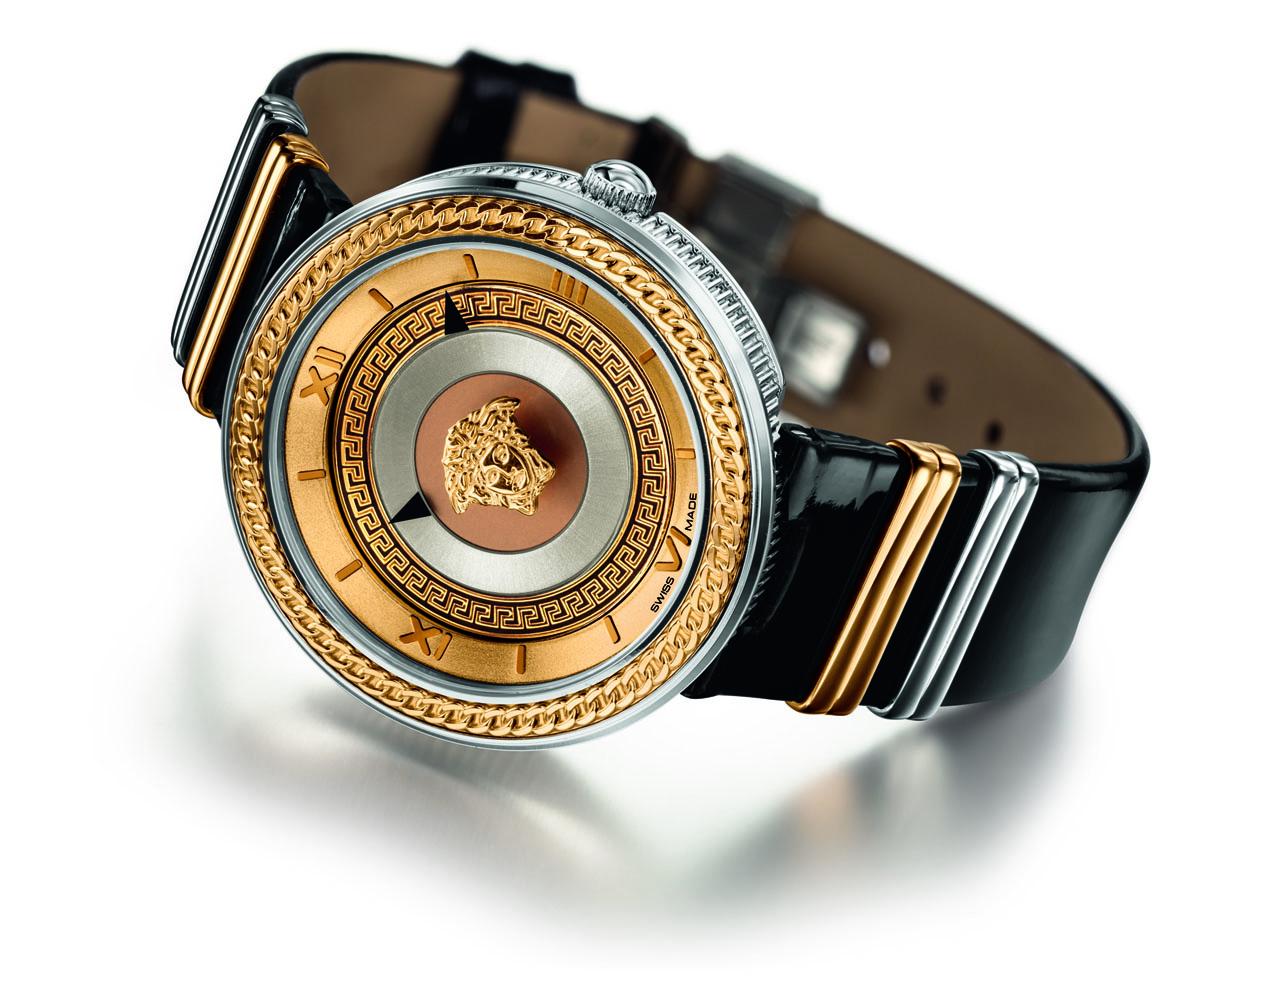 Replica Versace Watches